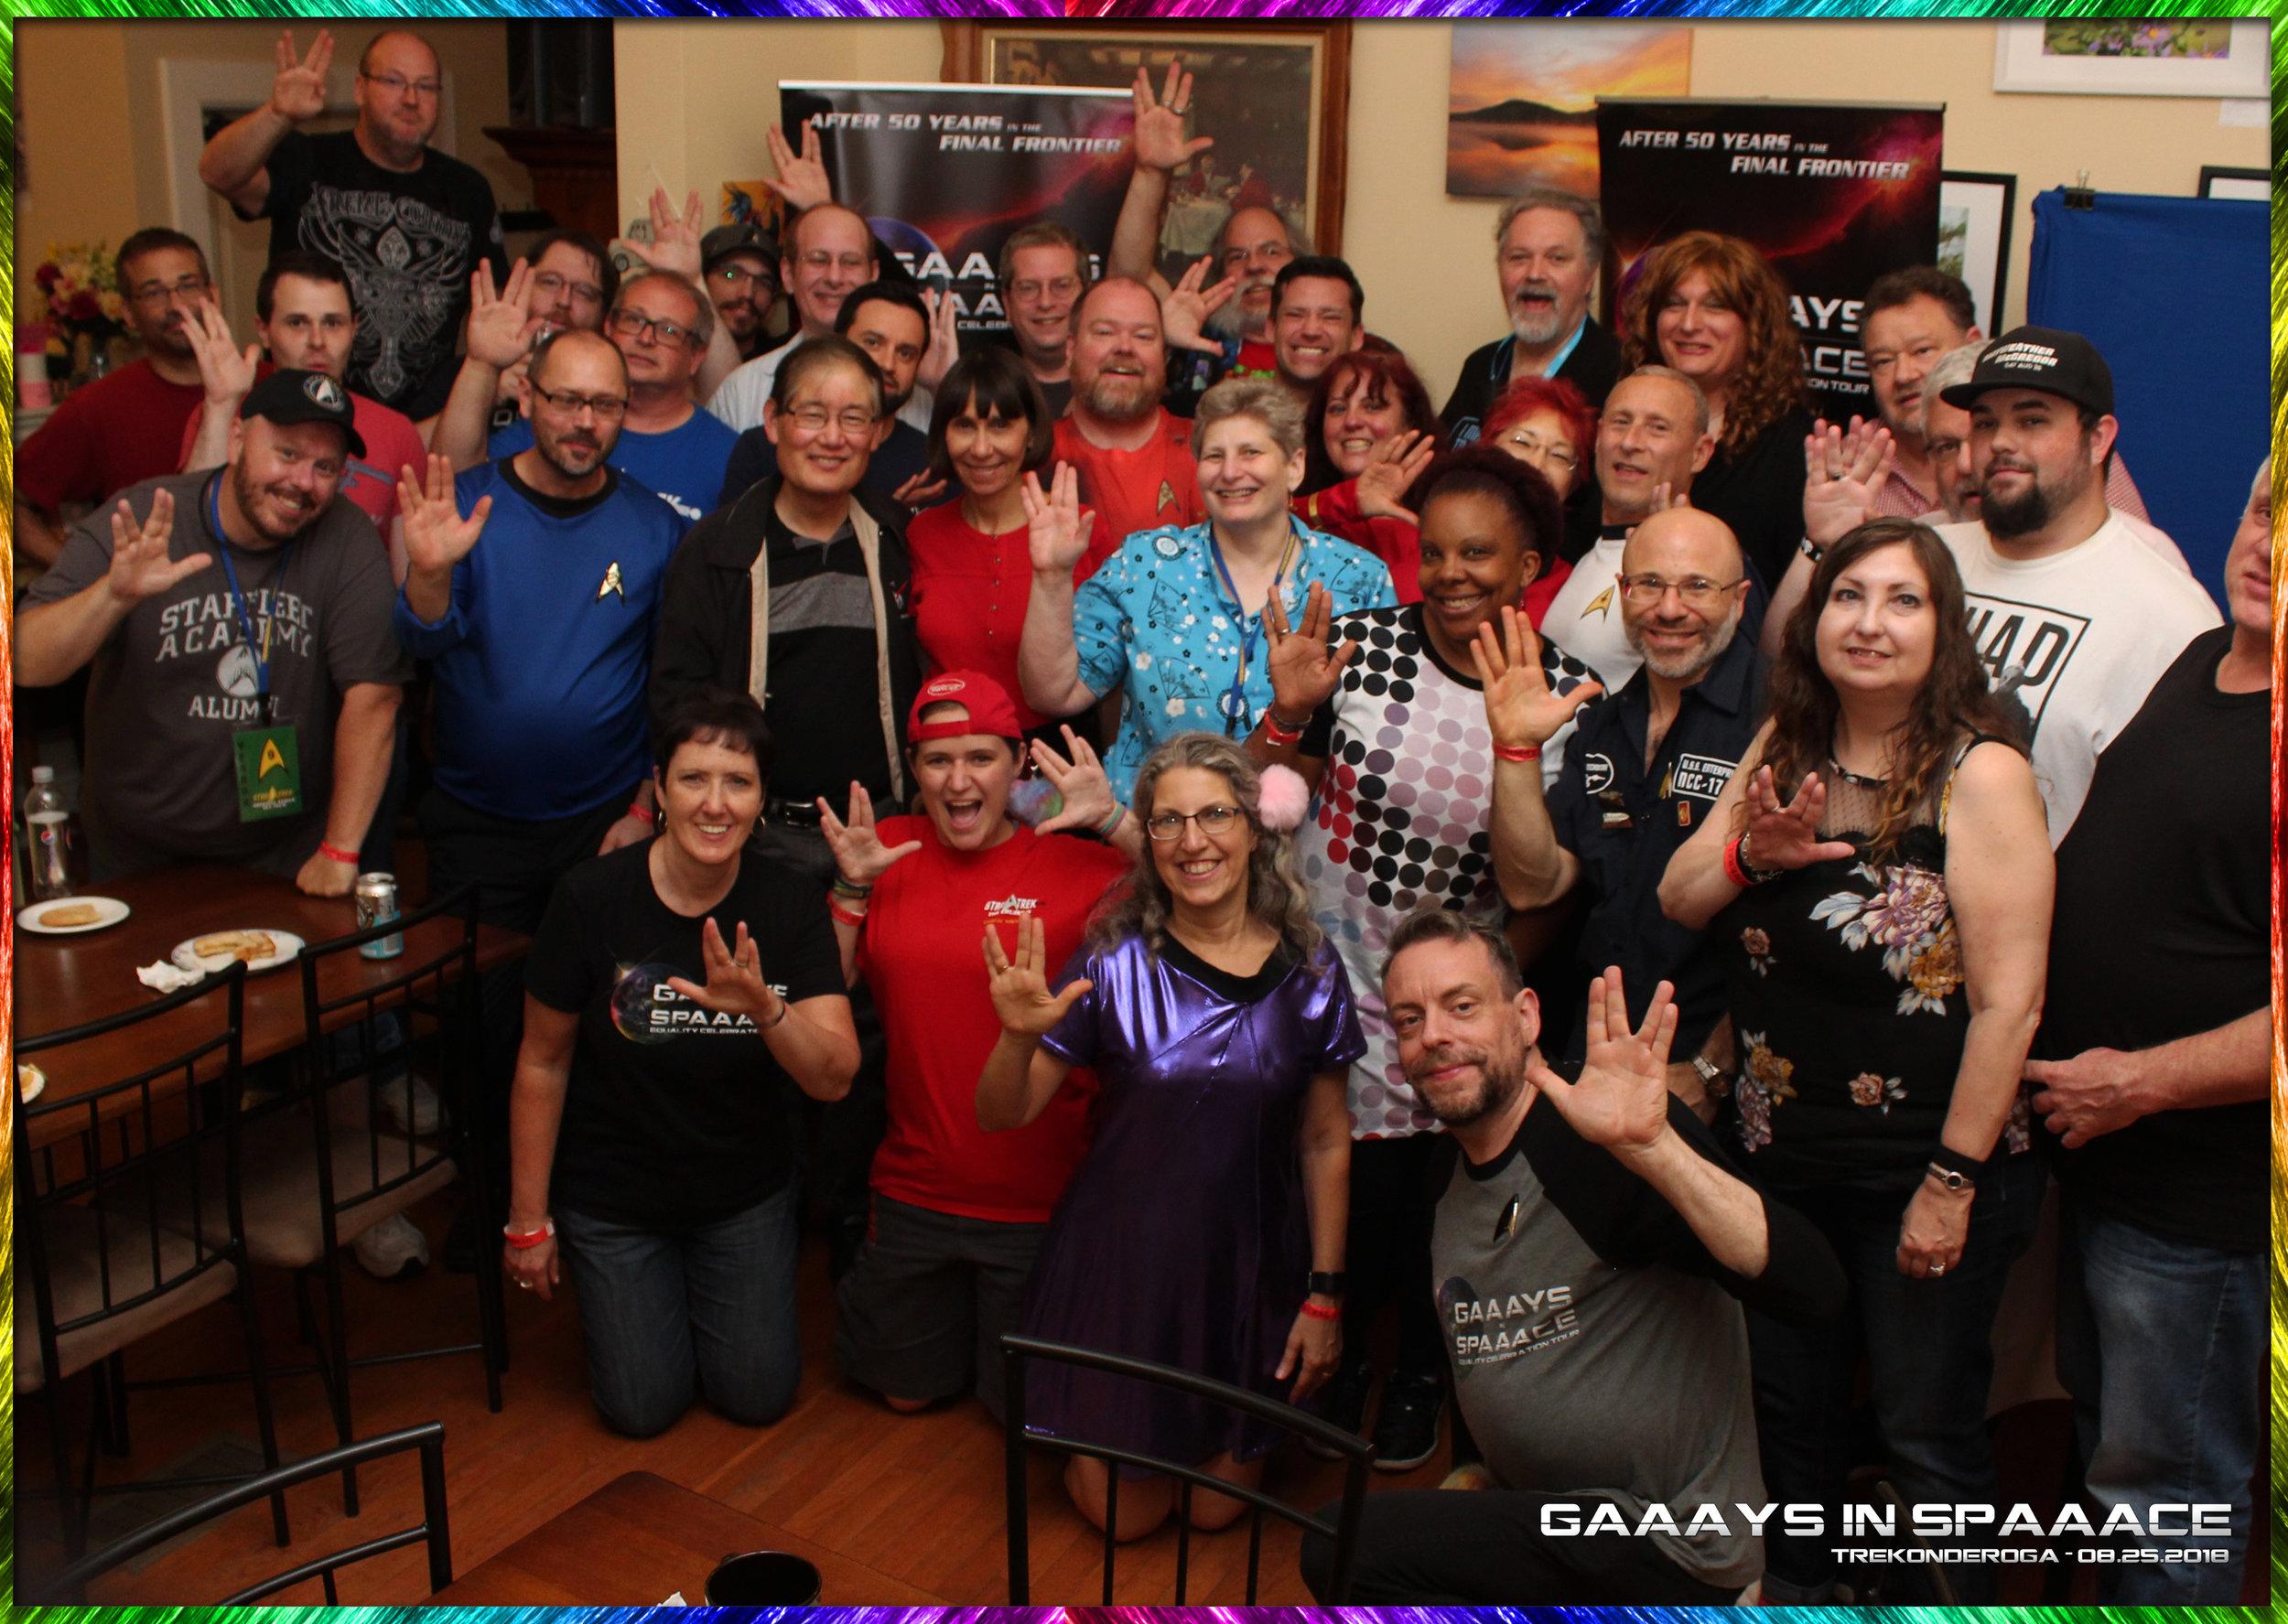 4-GIS-TREKONDEROGA-08-25-2018-GROUP-SHOT.jpg